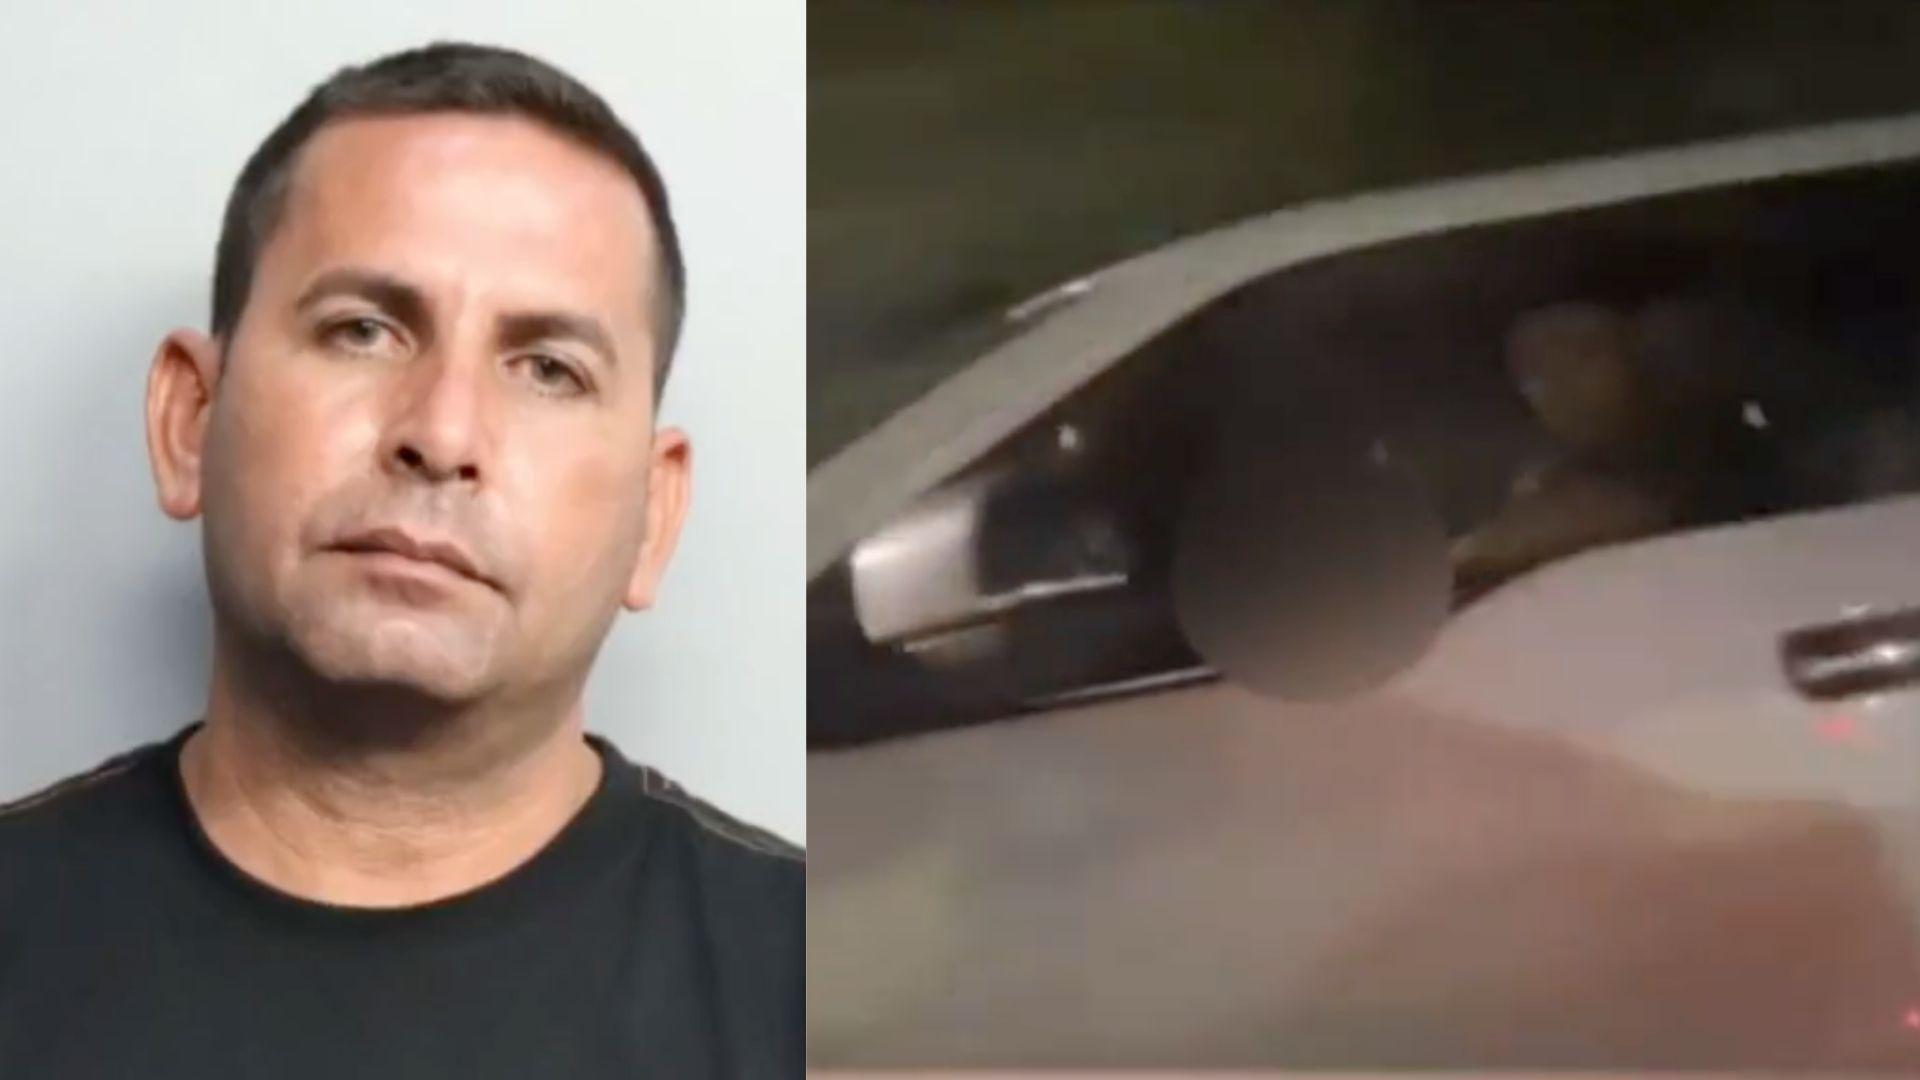 arrestan a un hombre que se masturbo frente a dos mujeres mientras manejaba en el area de kendall